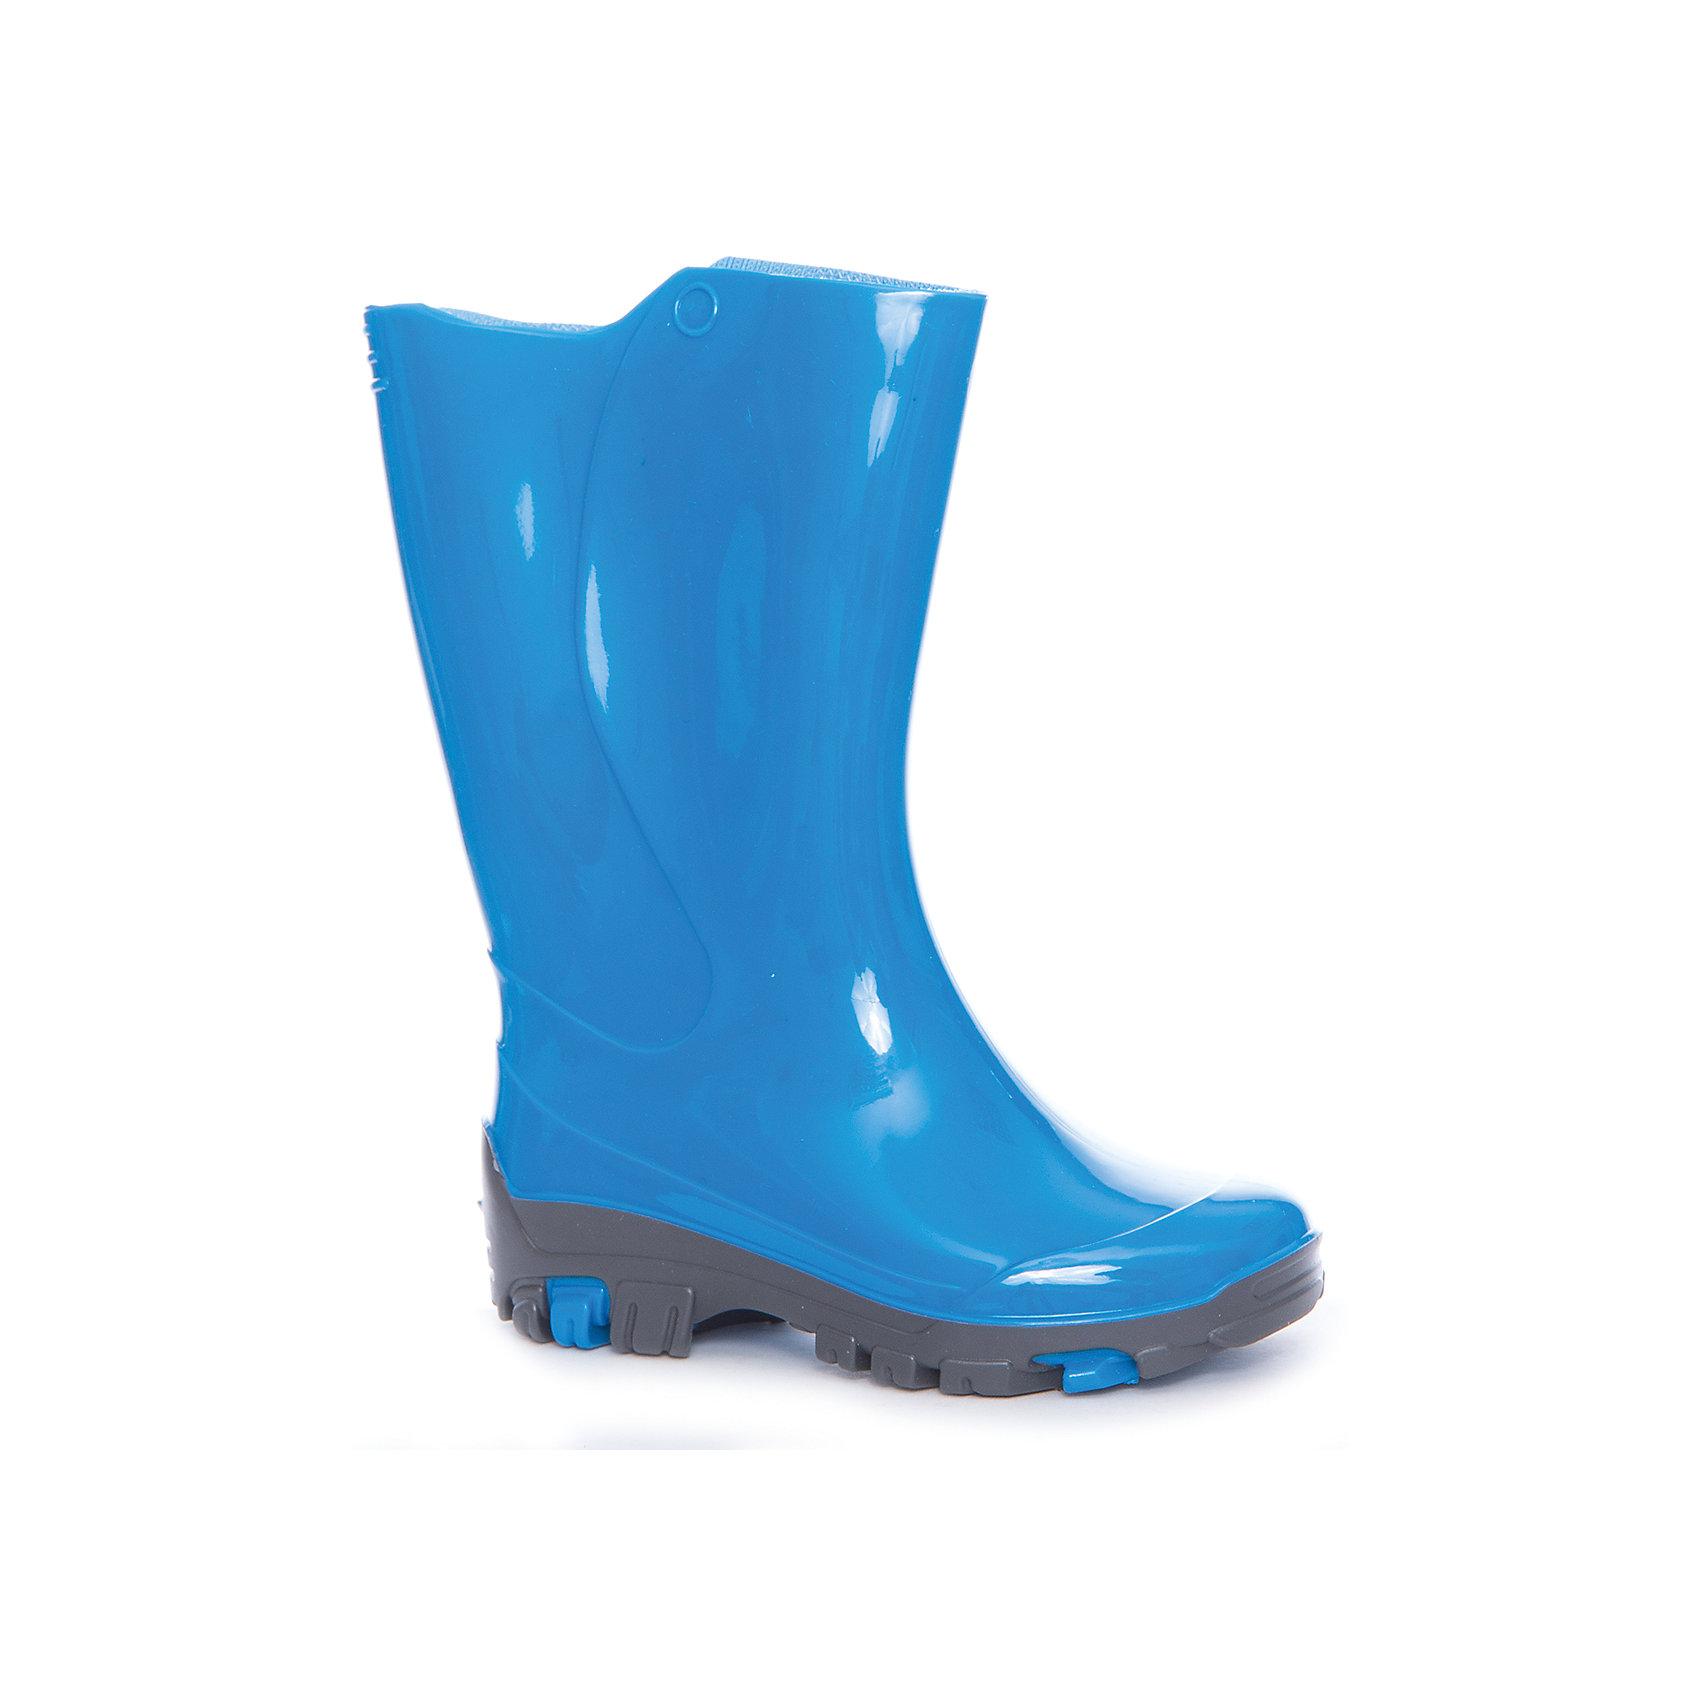 Резиновые сапоги NordmanРезиновые сапоги<br>Характеристики товара:<br><br>• цвет: голубой<br>• внешний материал: ПВХ (PVC)<br>• внутренний материал: текстиль<br>• стелька: текстиль<br>• подошва: резина<br>• температурный режим: от +5°С до +20°С<br>• голенище средней высоты<br>• лёгкие<br>• без принта<br>• рельефная толстая подошва<br>• устойчивые<br>• не промокают<br>• страна бренда: Российская Федерация<br>• страна изготовитель: Российская Федерация<br><br>Когда на улице сыро, резиновые сапоги - необходимый атрибут для ребенка. Эта модель отличается удобной формой, вынимающейся флисовой подкладкой и устойчивой толстой подошвой - так ноги точно останутся в сухости и тепле. Отличный вариант качественной обуви от отечественного производителя!<br><br>Резиновые сапоги от российского бренда Nordman (Нордман) можно купить в нашем интернет-магазине.<br><br>Ширина мм: 237<br>Глубина мм: 180<br>Высота мм: 152<br>Вес г: 438<br>Цвет: синий<br>Возраст от месяцев: 84<br>Возраст до месяцев: 96<br>Пол: Мужской<br>Возраст: Детский<br>Размер: 30/31,34/35,23/24,26/27,33/34<br>SKU: 5436637